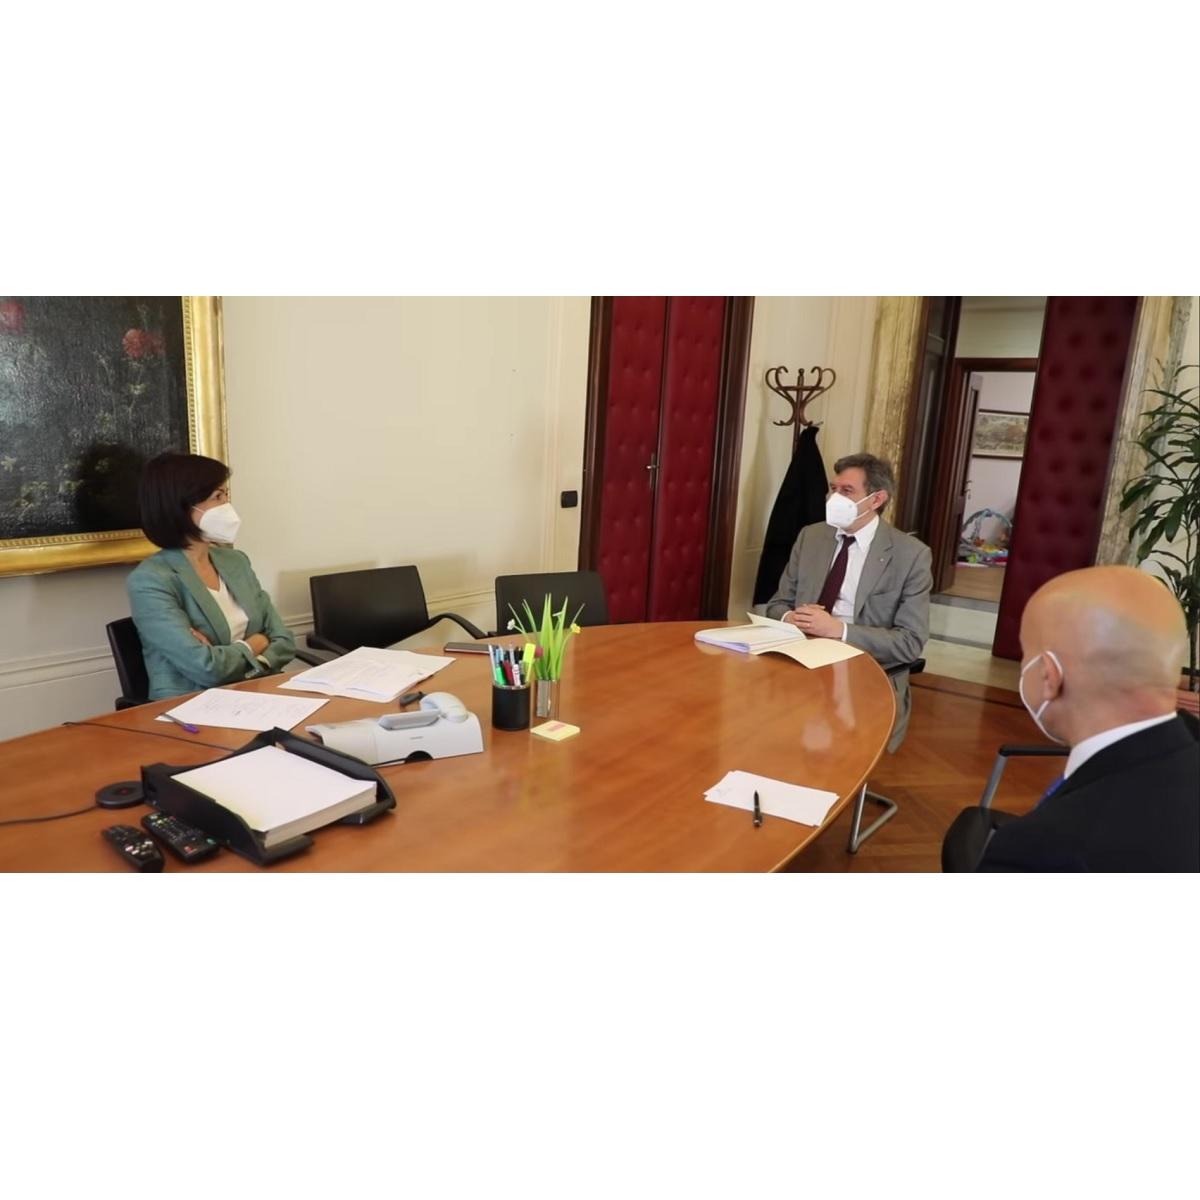 Incontro a Roma fra Marsilio e il Ministro Carfagna foto